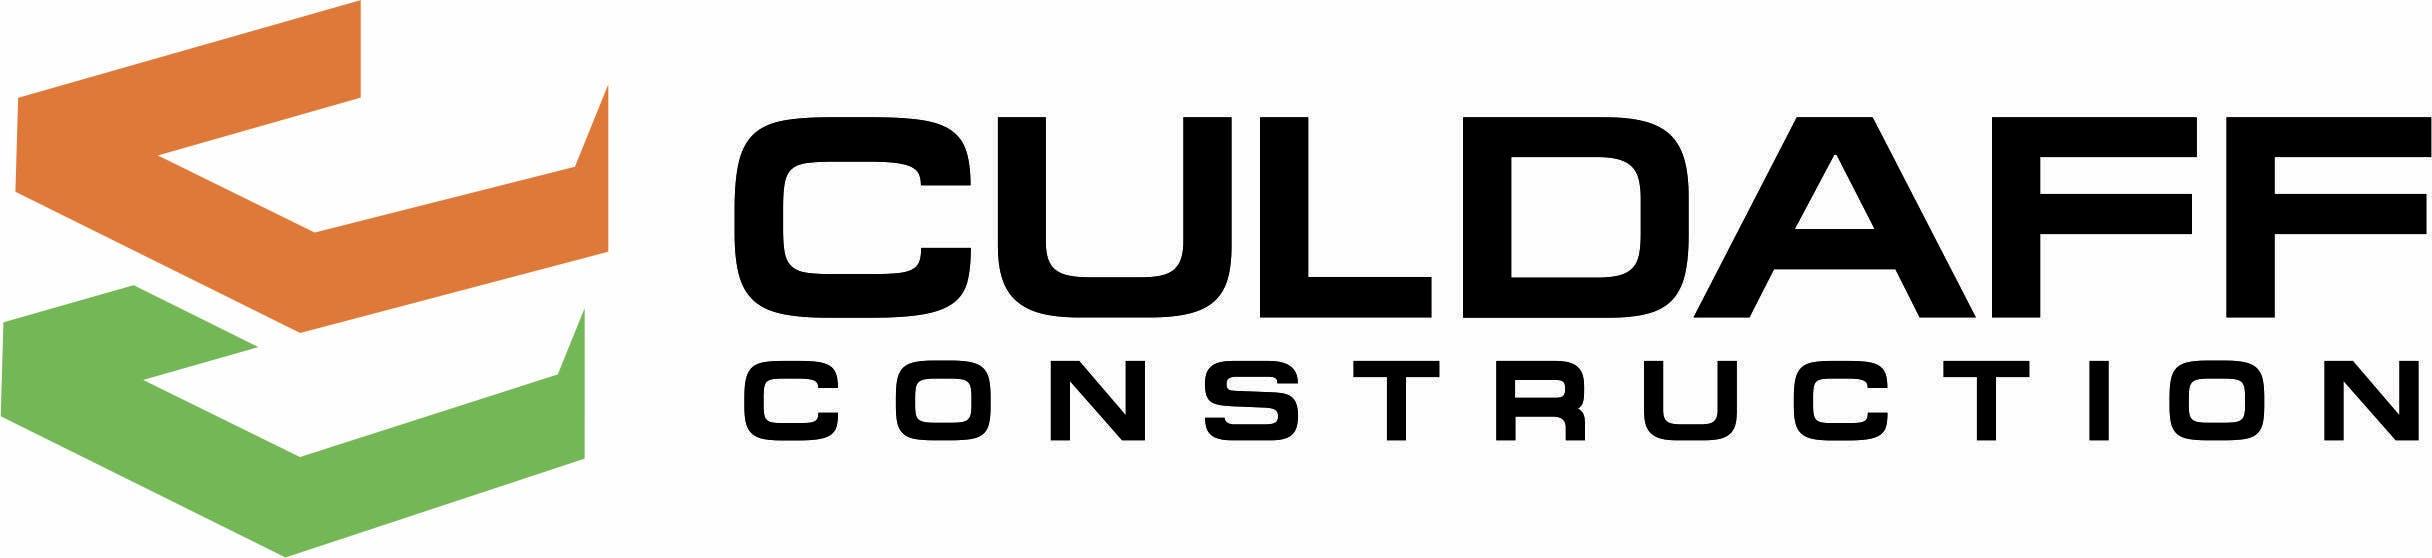 Culdaff Construction Pty Ltd